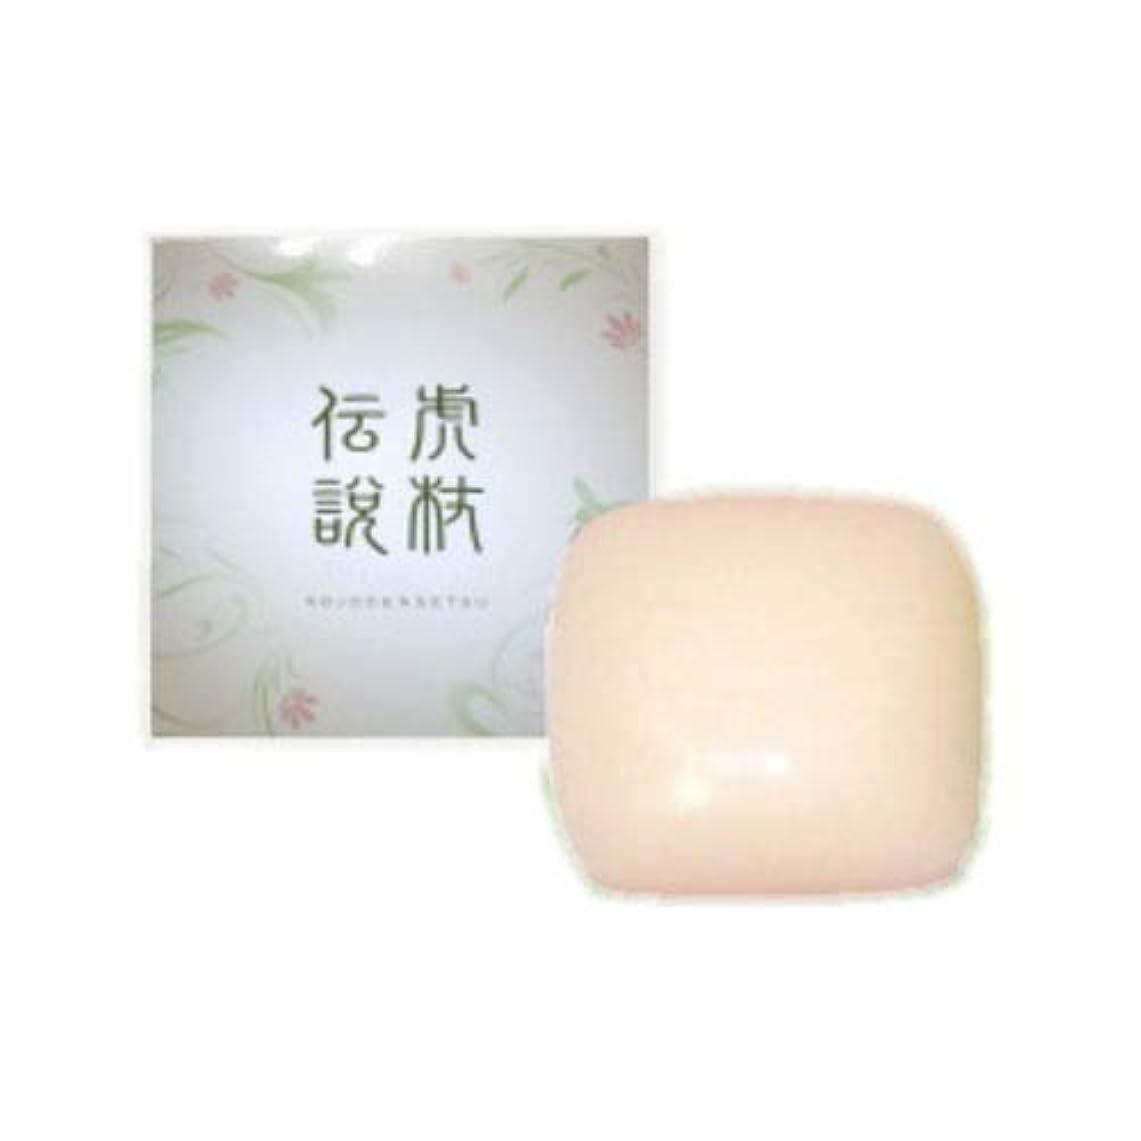 ポンド神経鷹虎杖伝説石鹸 90g